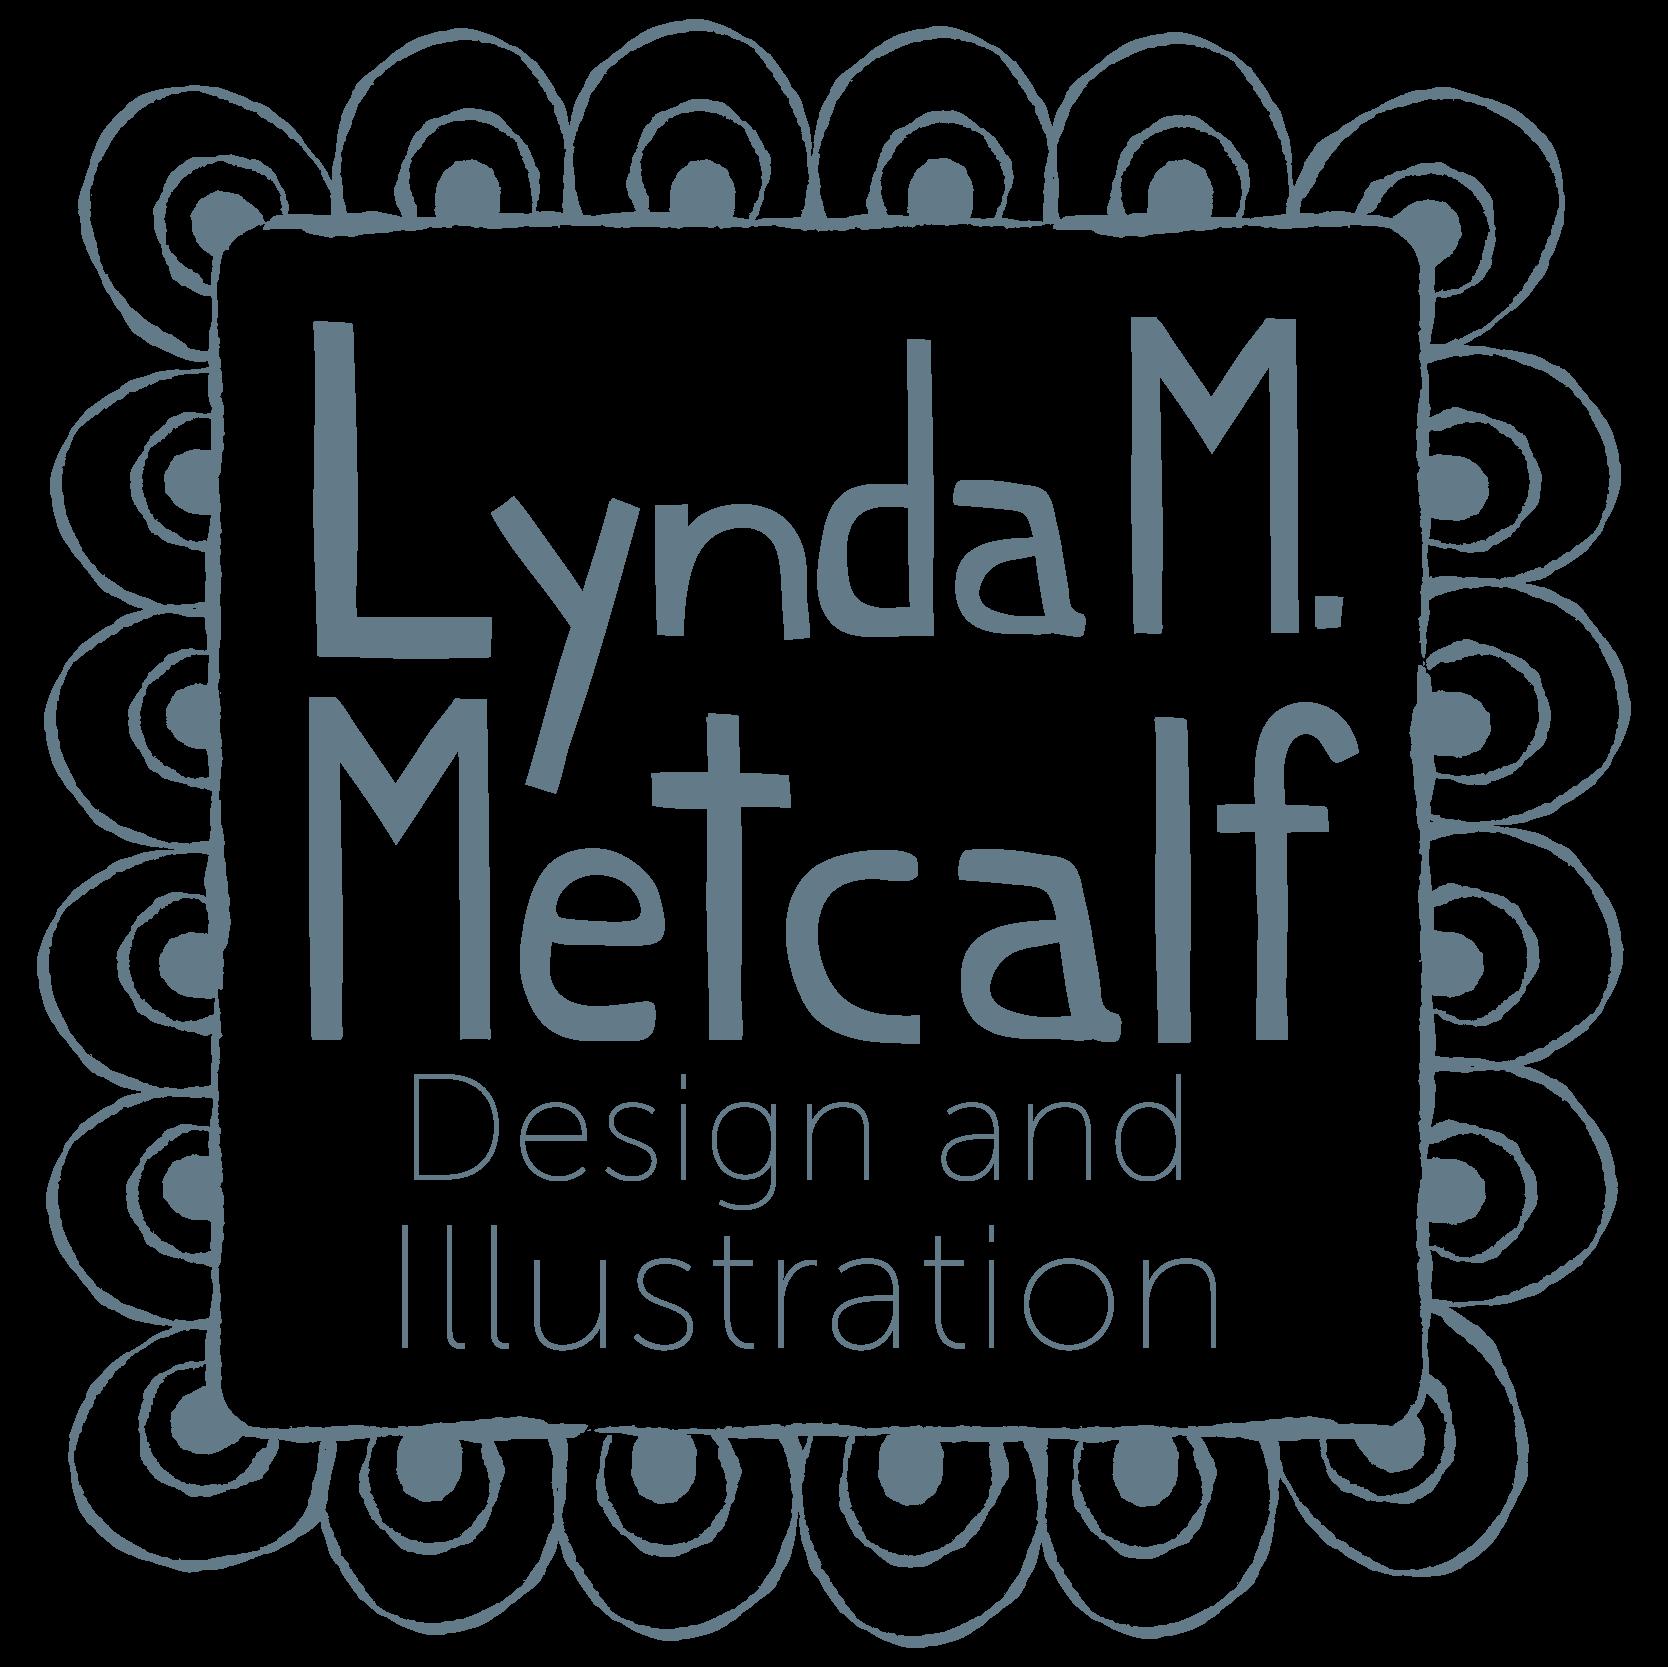 Lynda M Metcalf